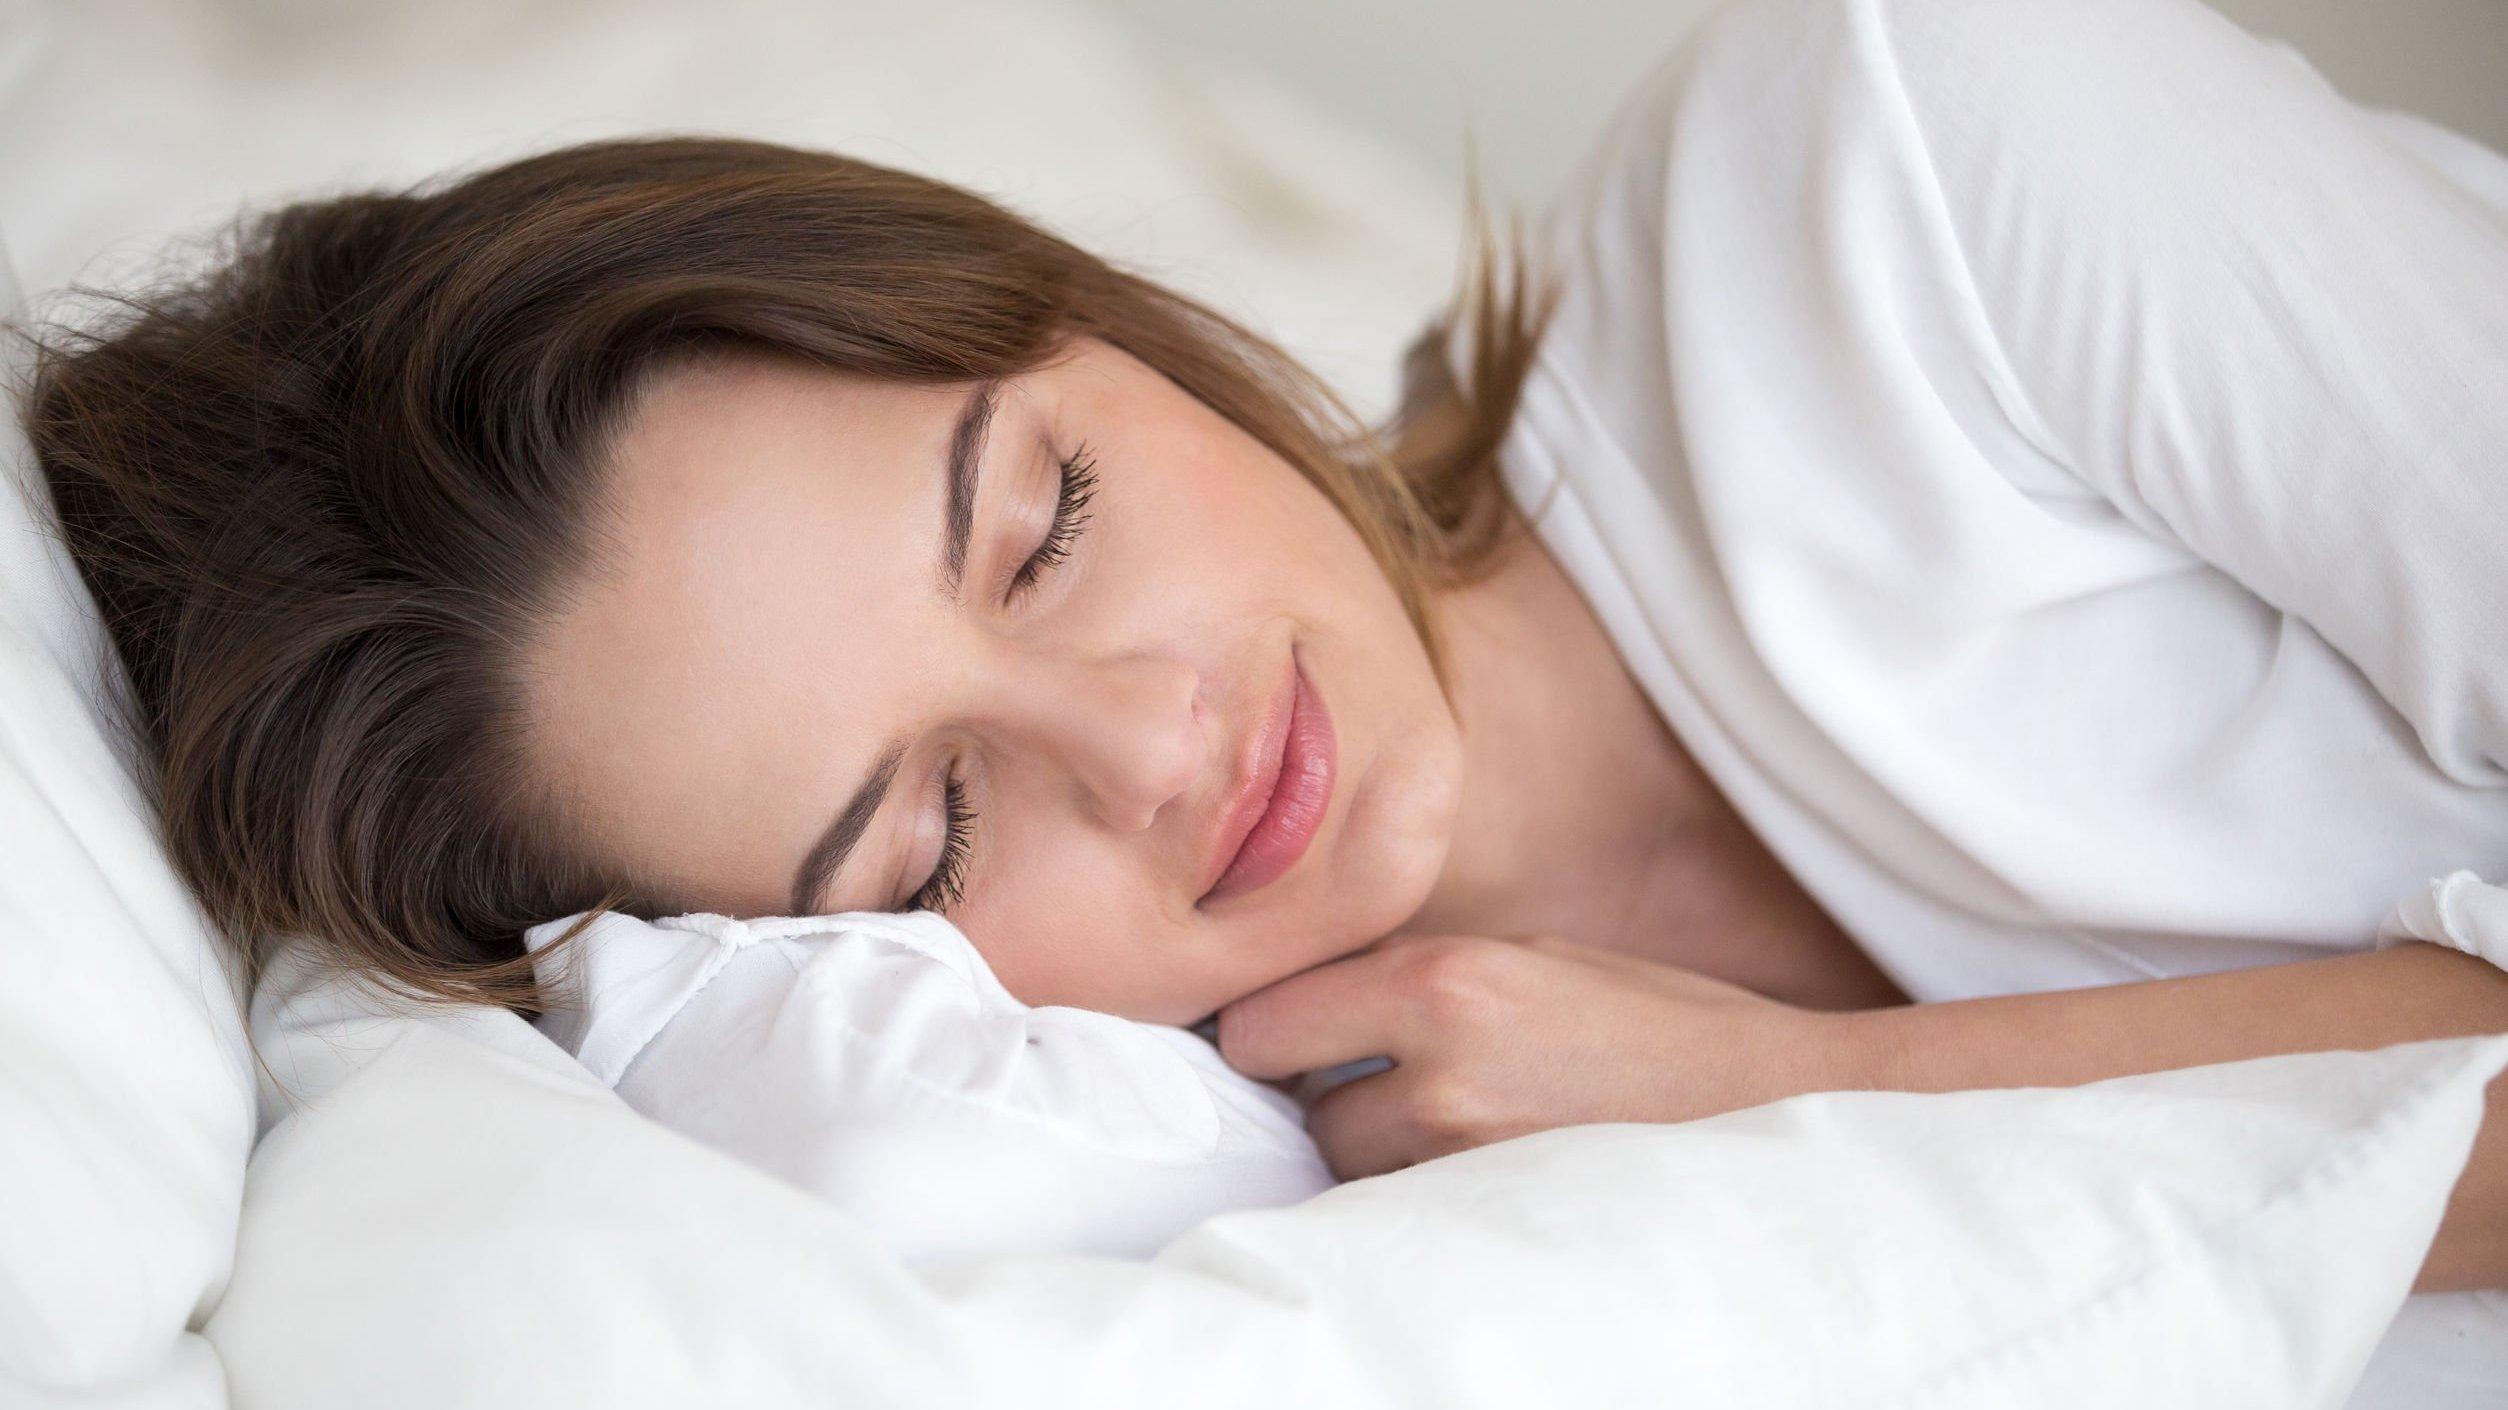 Mulher dormindo em travesseiro branco